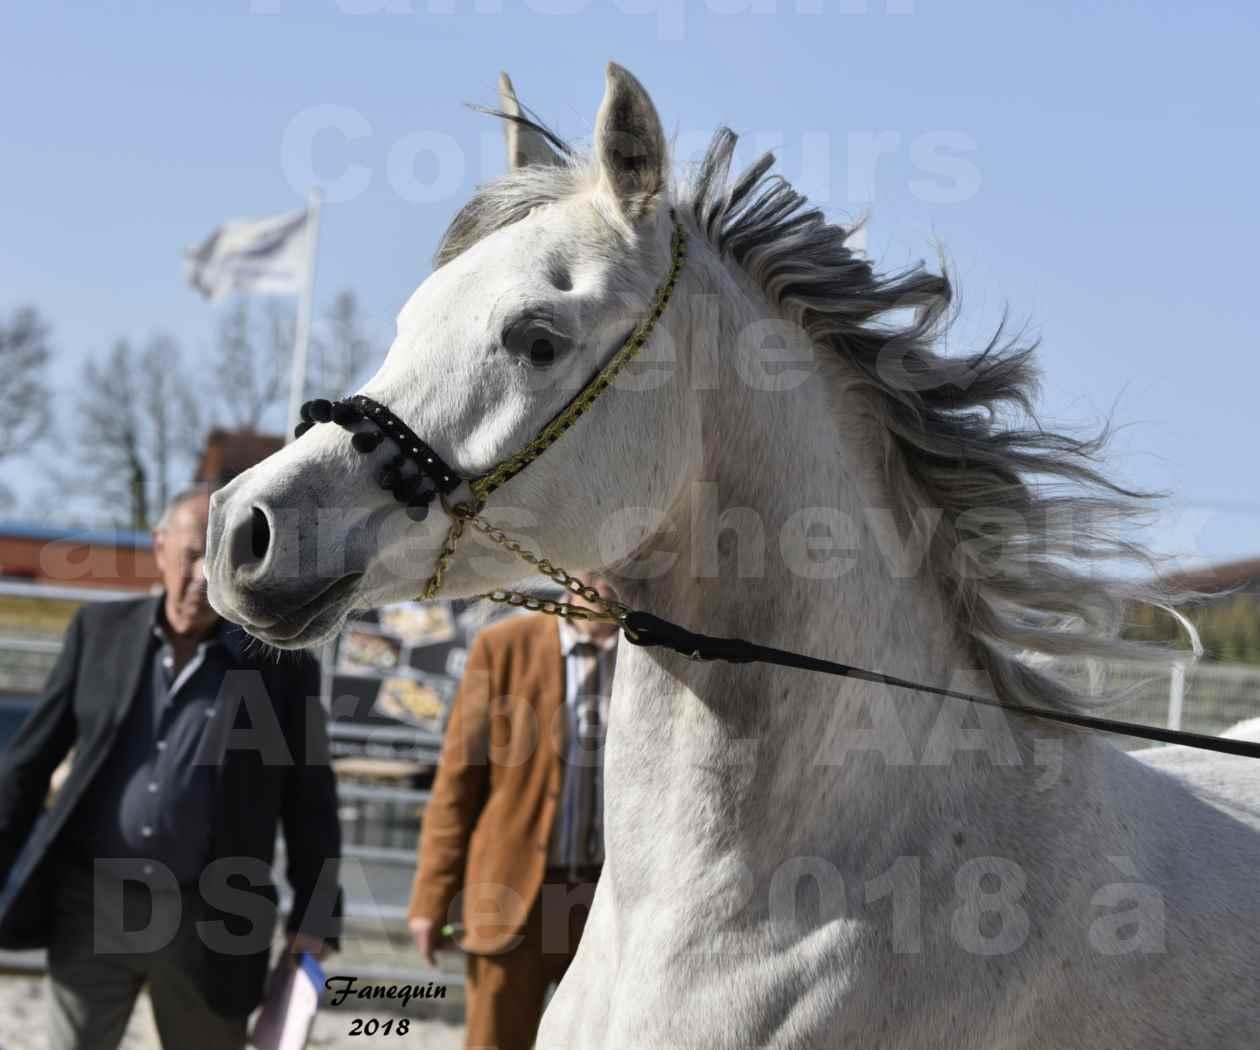 Concours d'élevage de Chevaux Arabes - Demi Sang Arabes - Anglo Arabes - ALBI les 6 & 7 Avril 2018 - NAÏM DE L'OLIVIER - Notre Sélection - Portraits - 2